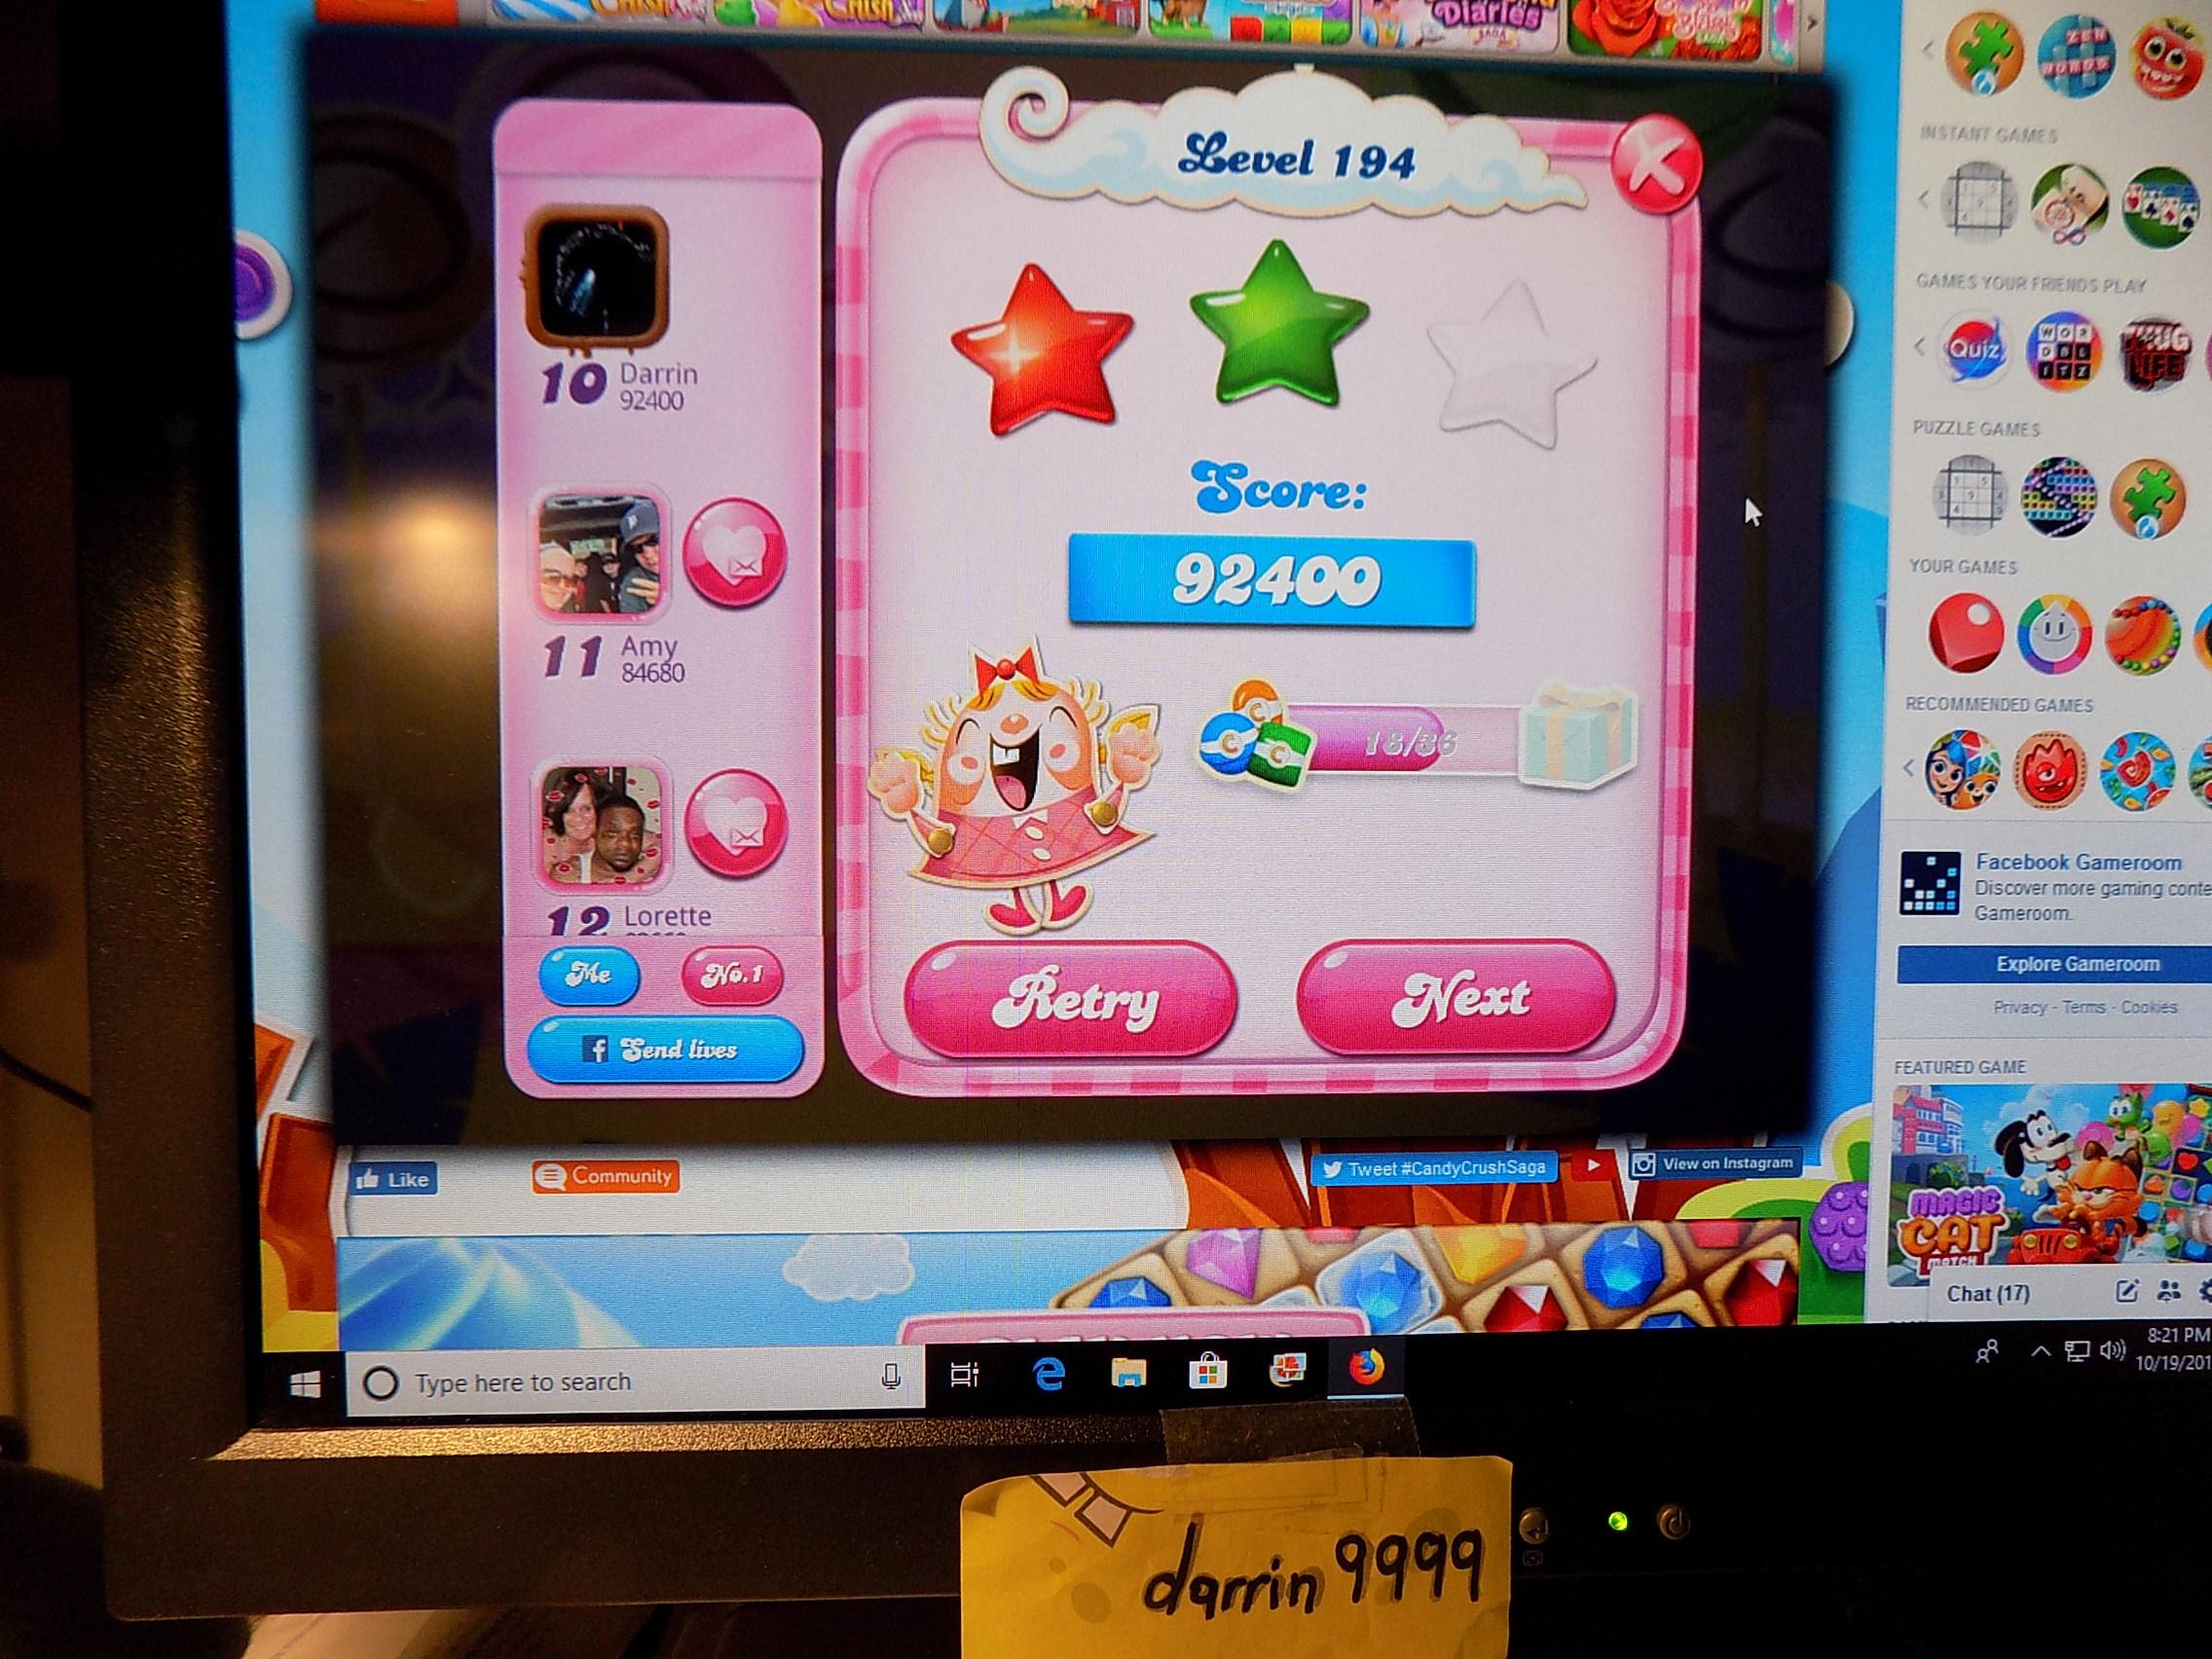 darrin9999: Candy Crush Saga: Level 194 (Web) 92,400 points on 2019-10-26 14:13:01